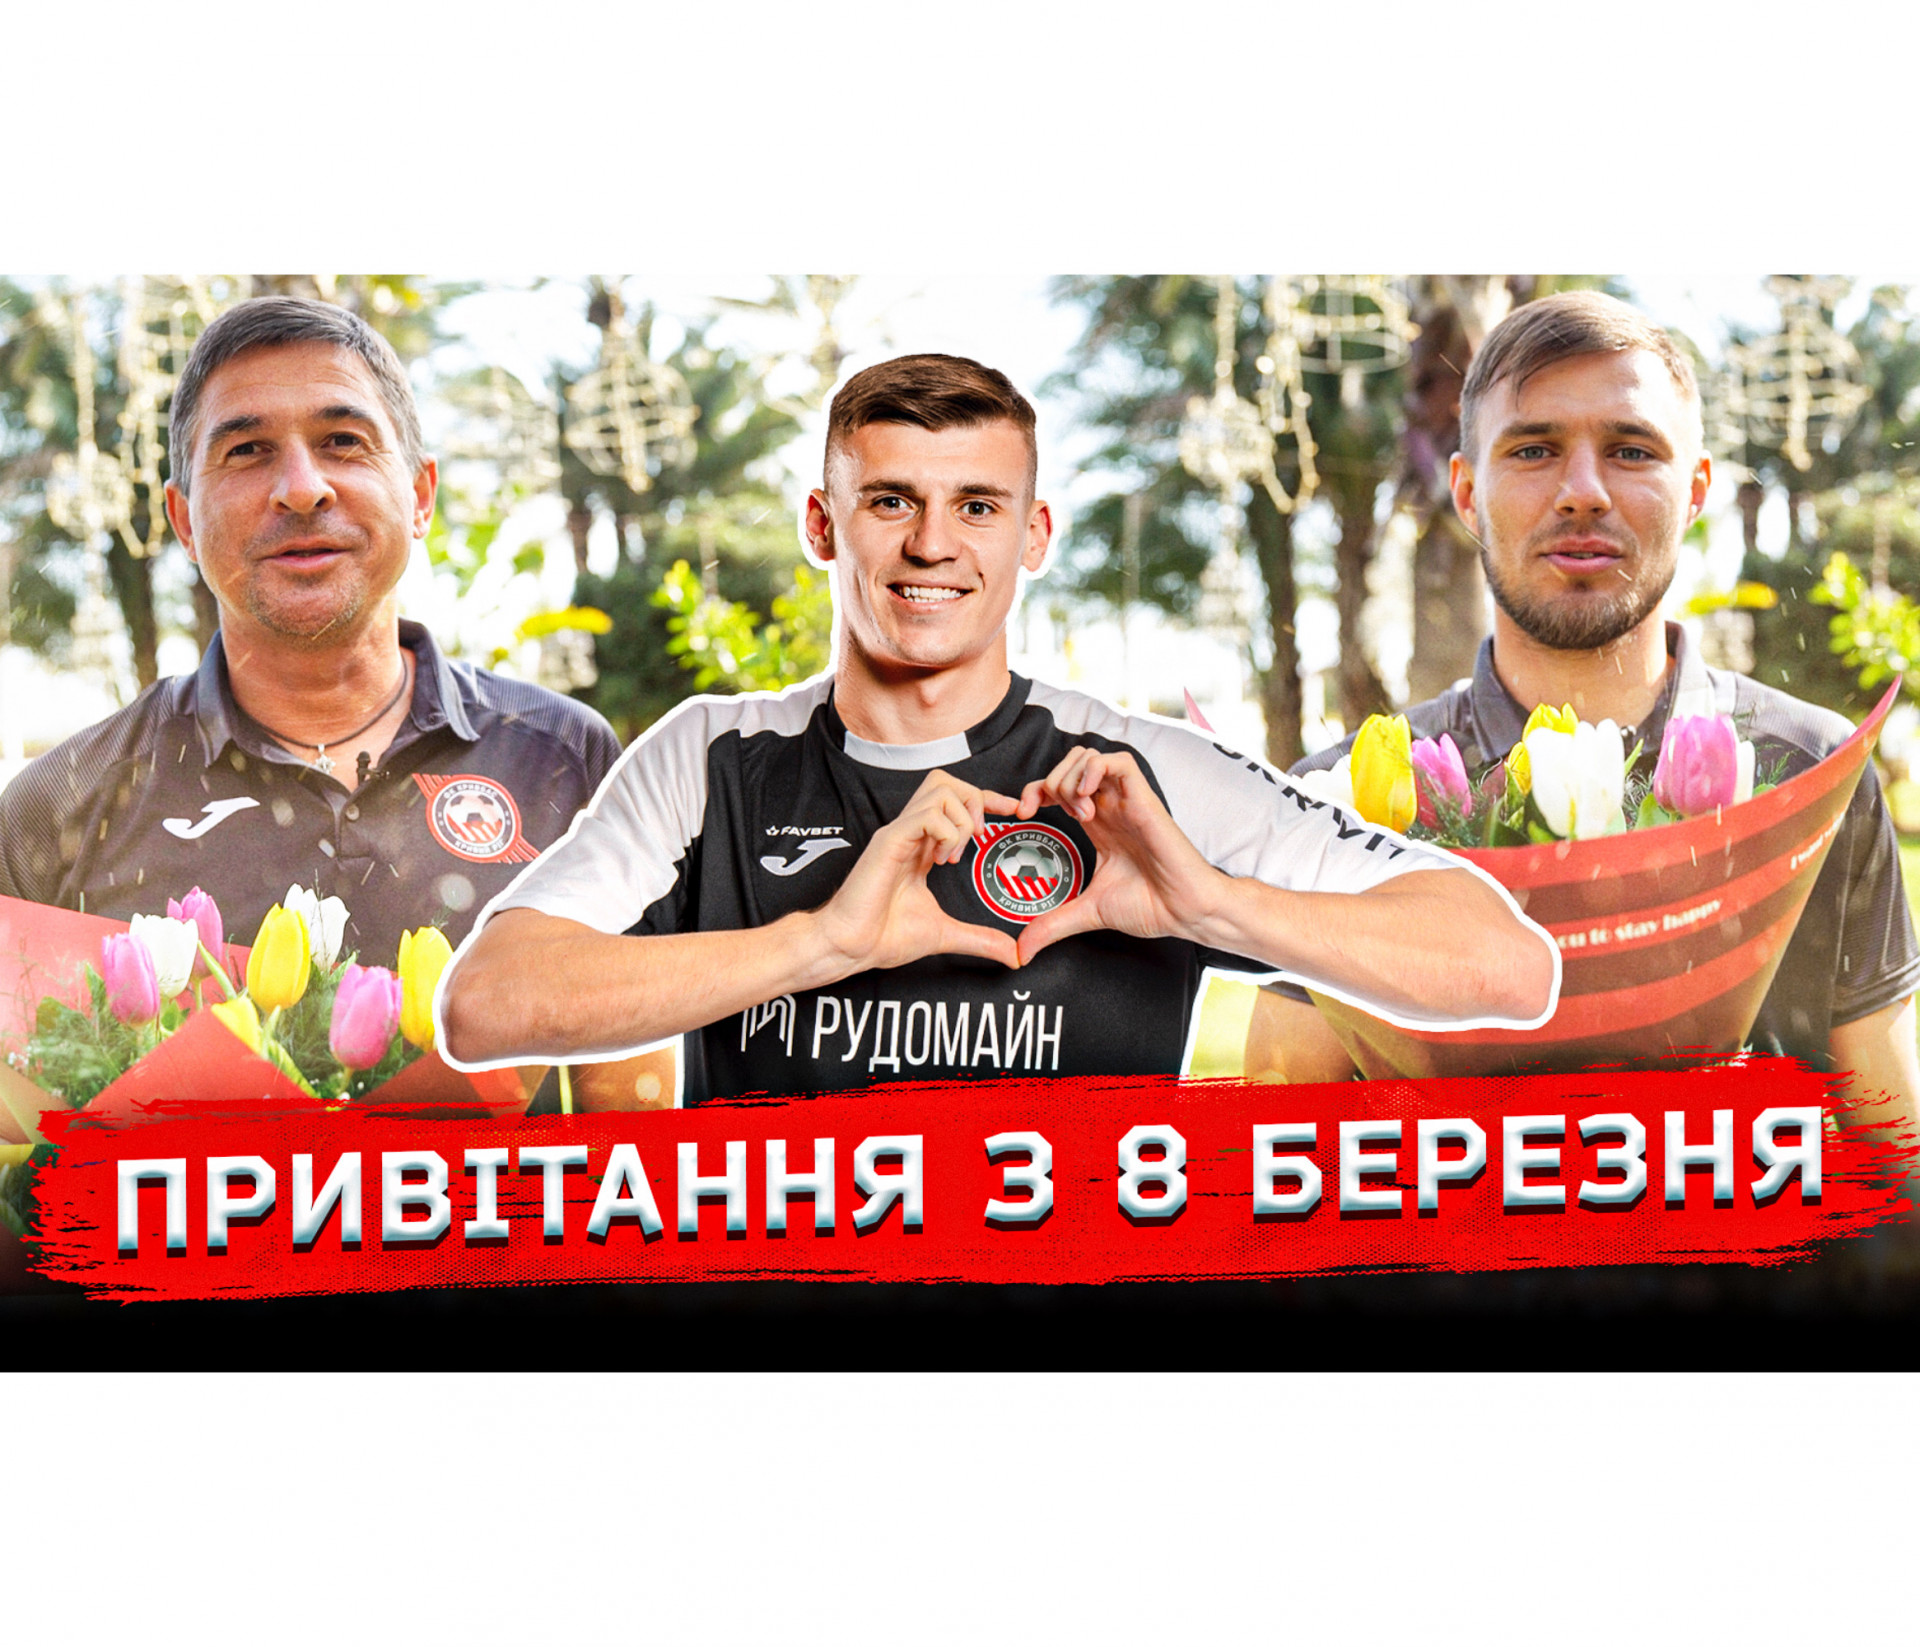 """Привітання ФК """"Кривбас"""" з 8 березня}"""